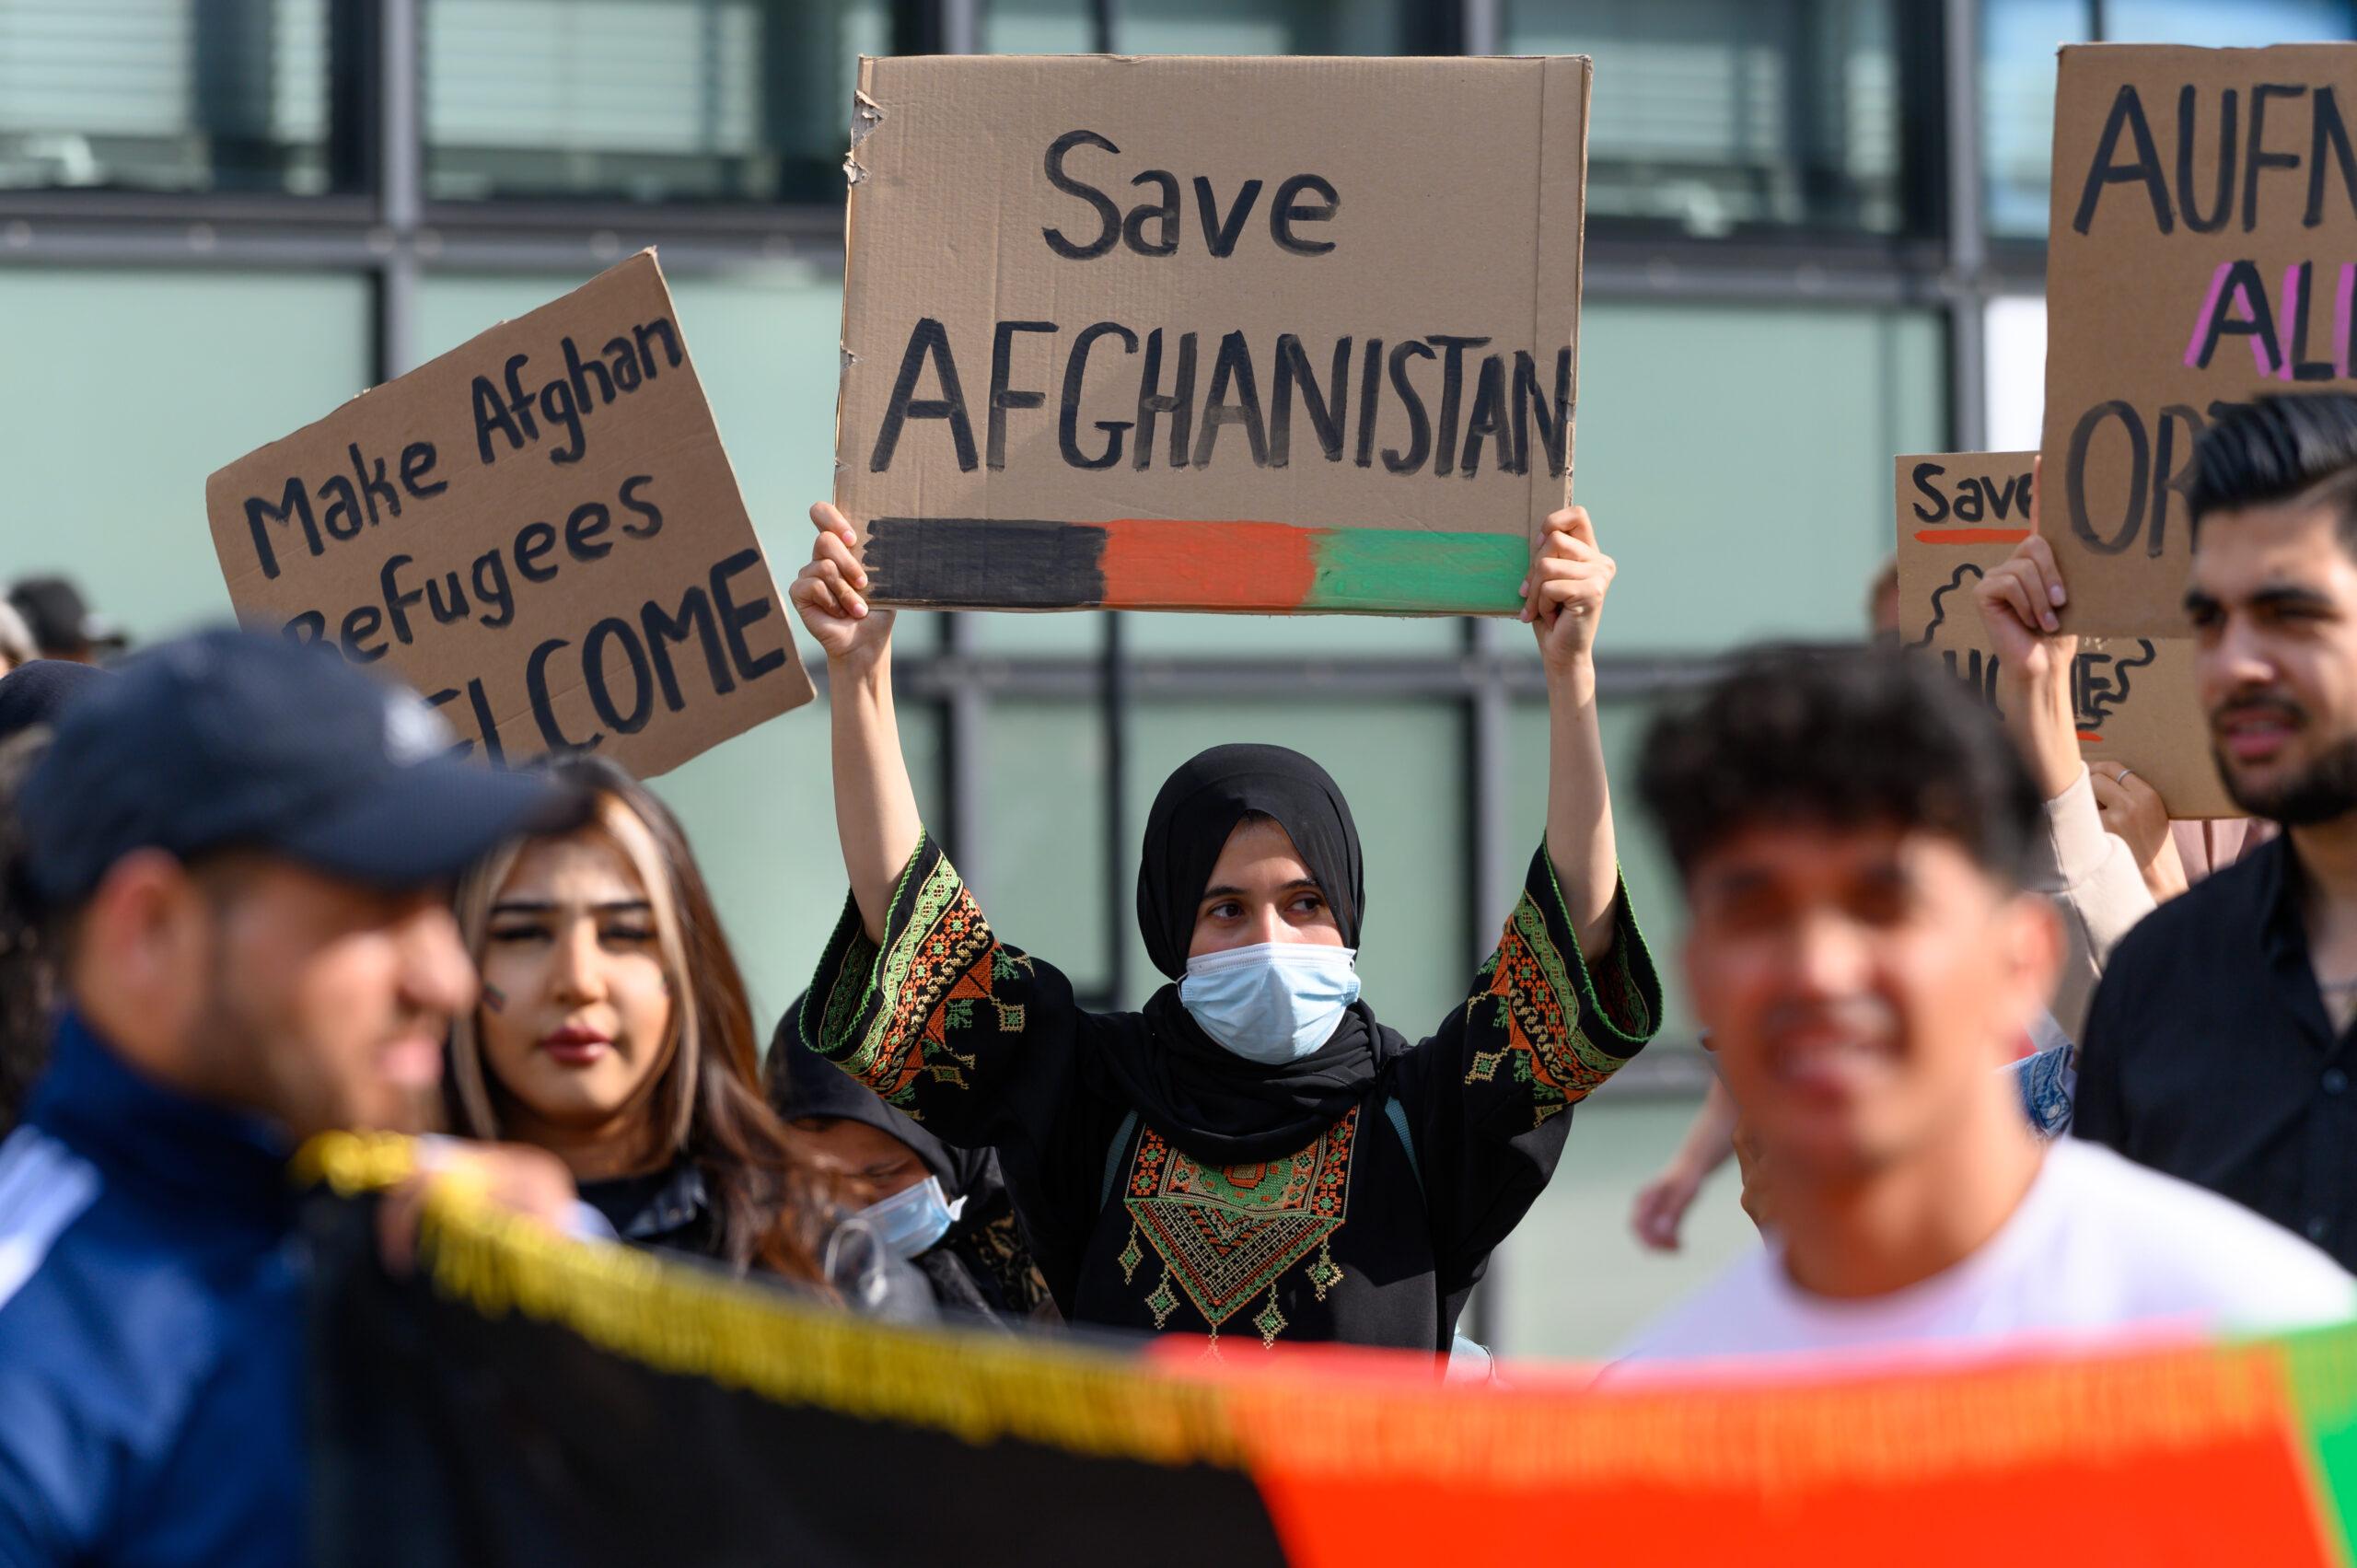 Afganistan. Talibowie zapowiadają nowy system rządów